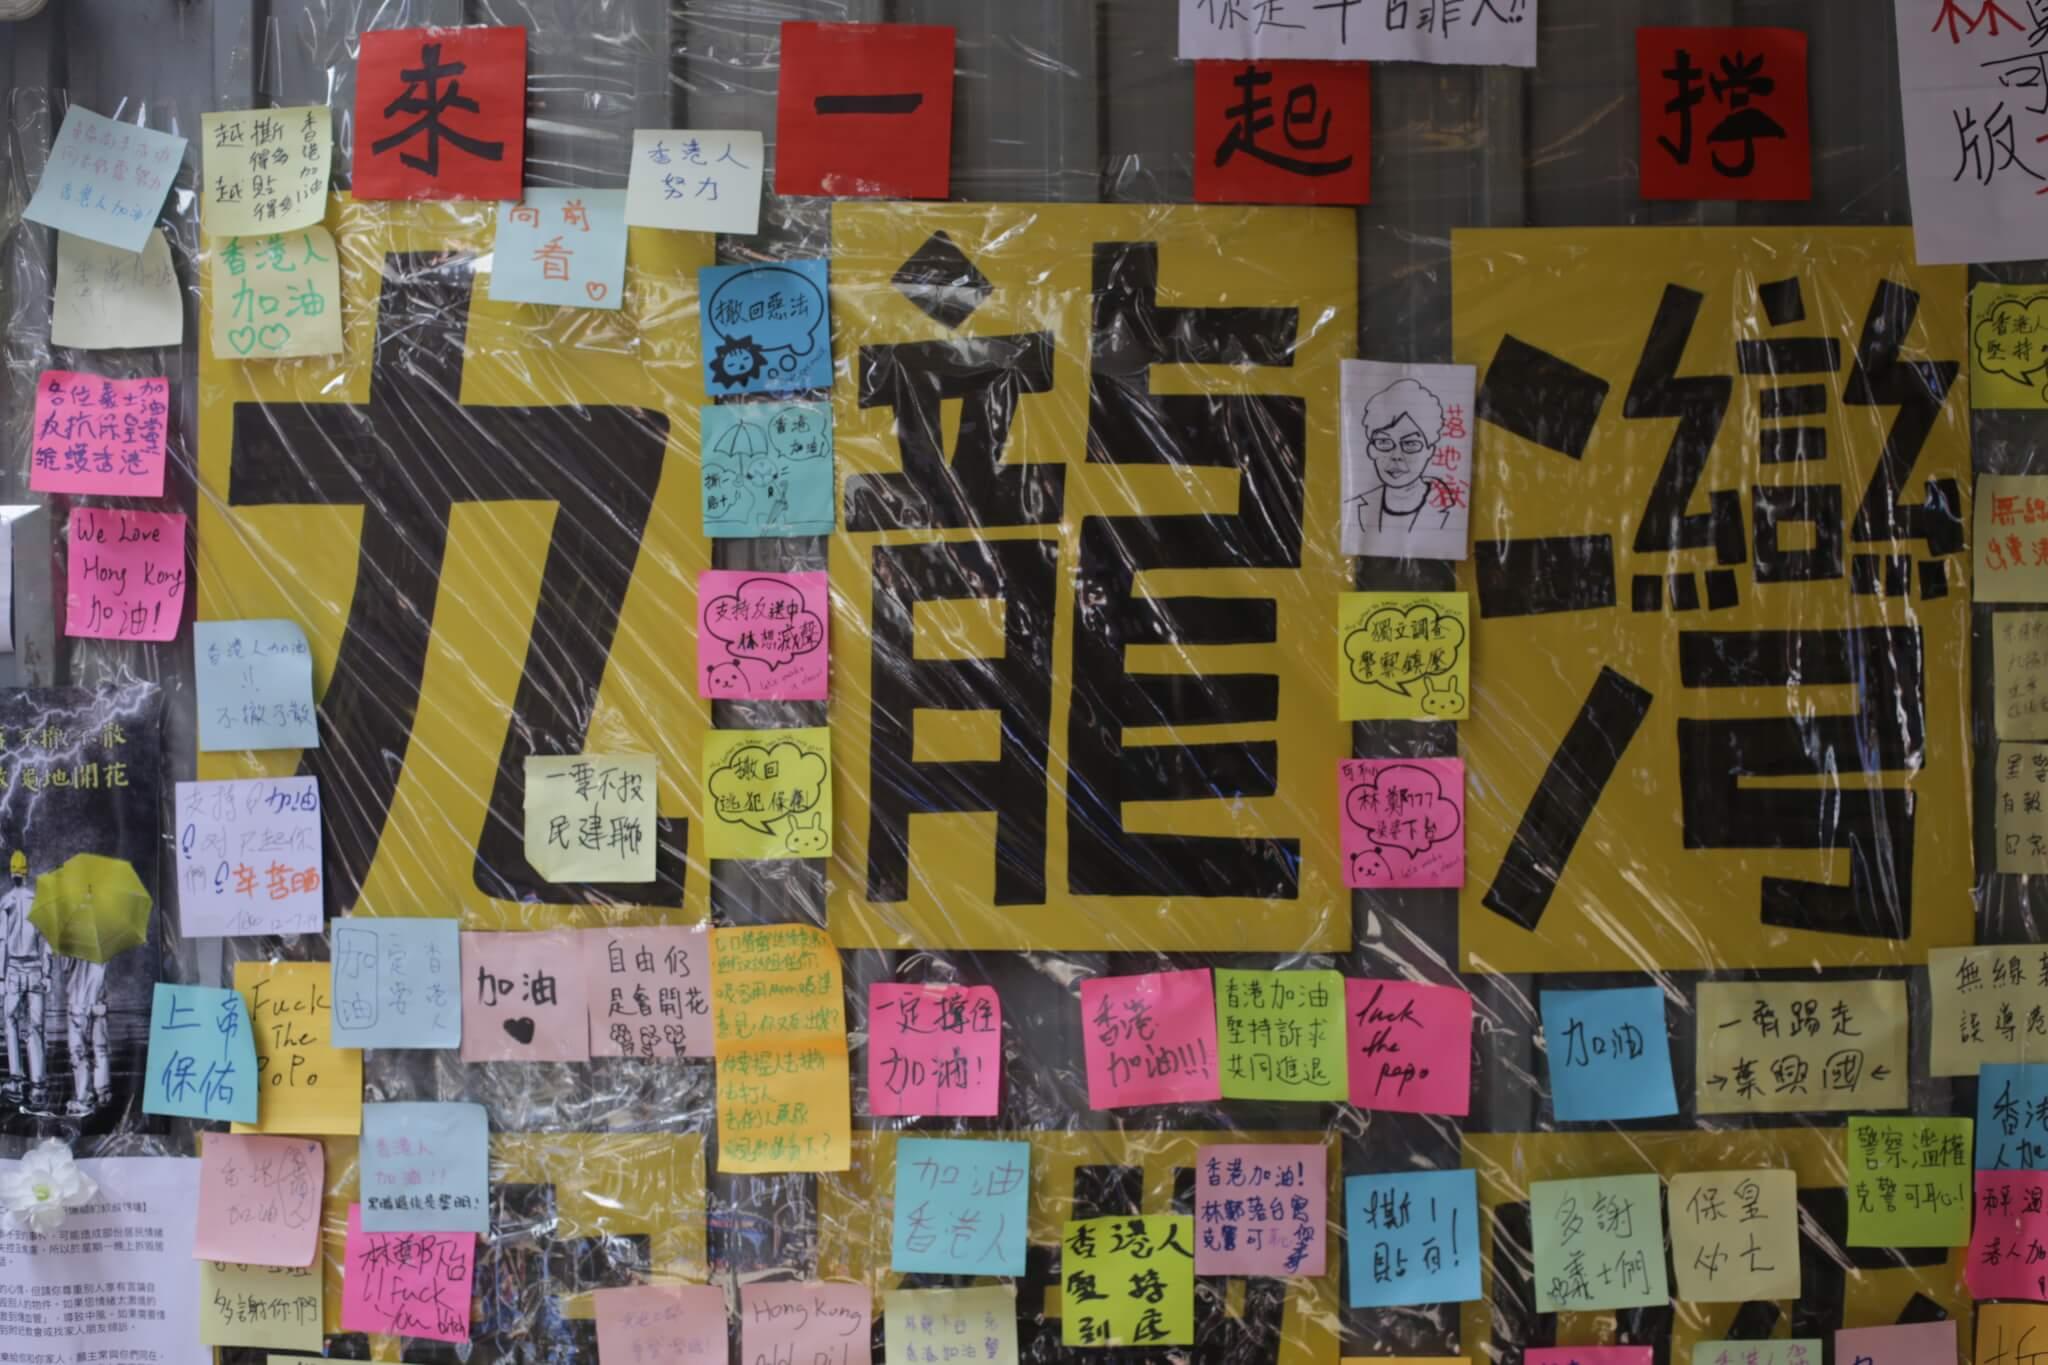 九龍灣連儂牆經歷暴力事件,區內已有共識不會阻止他人拆牆,只因「有人的地方,牆便不會倒下。」